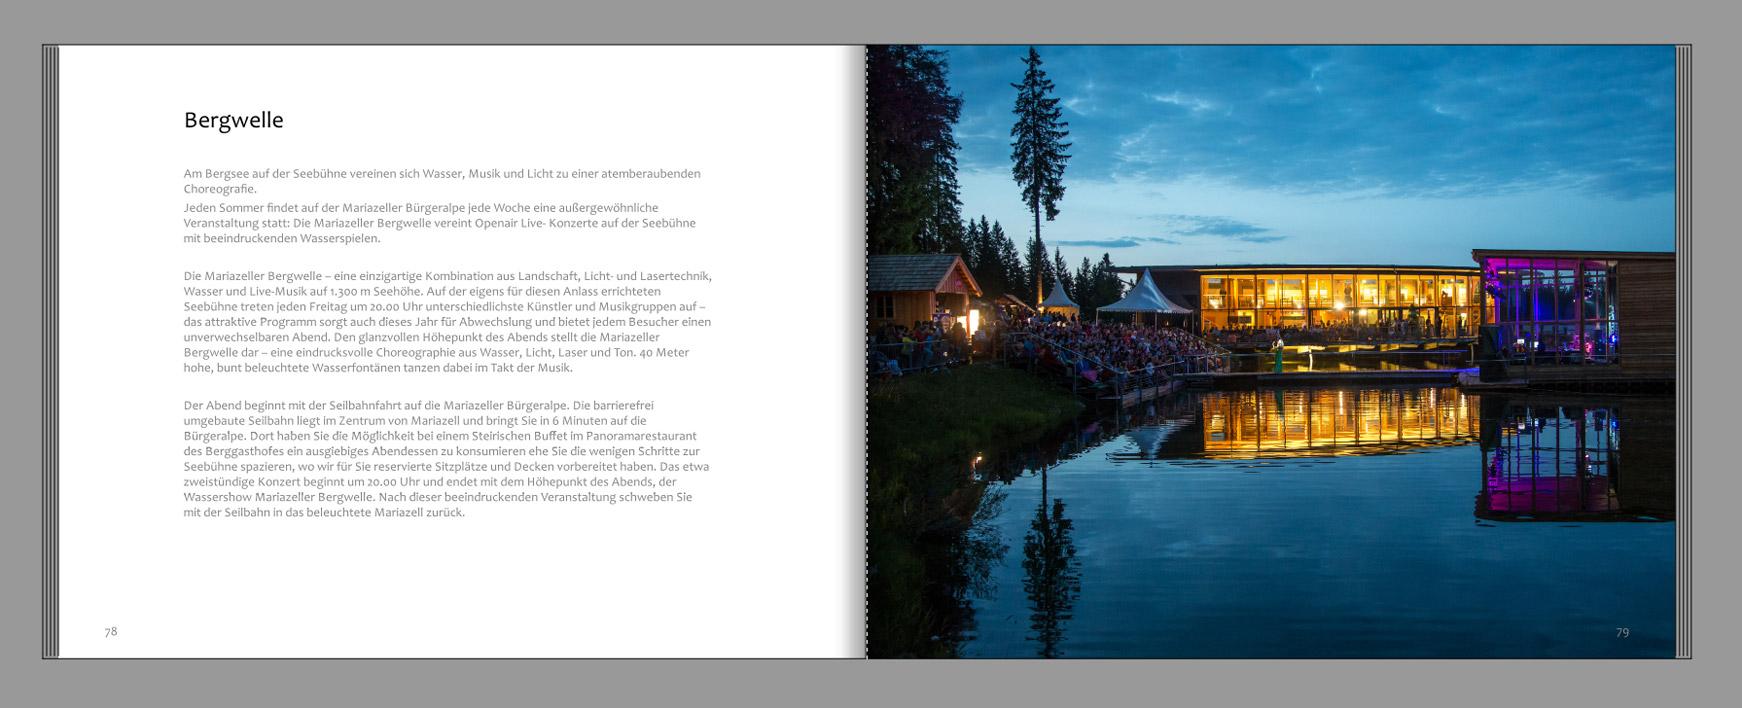 Mariazellerland-Fotobuch-Bergwelle